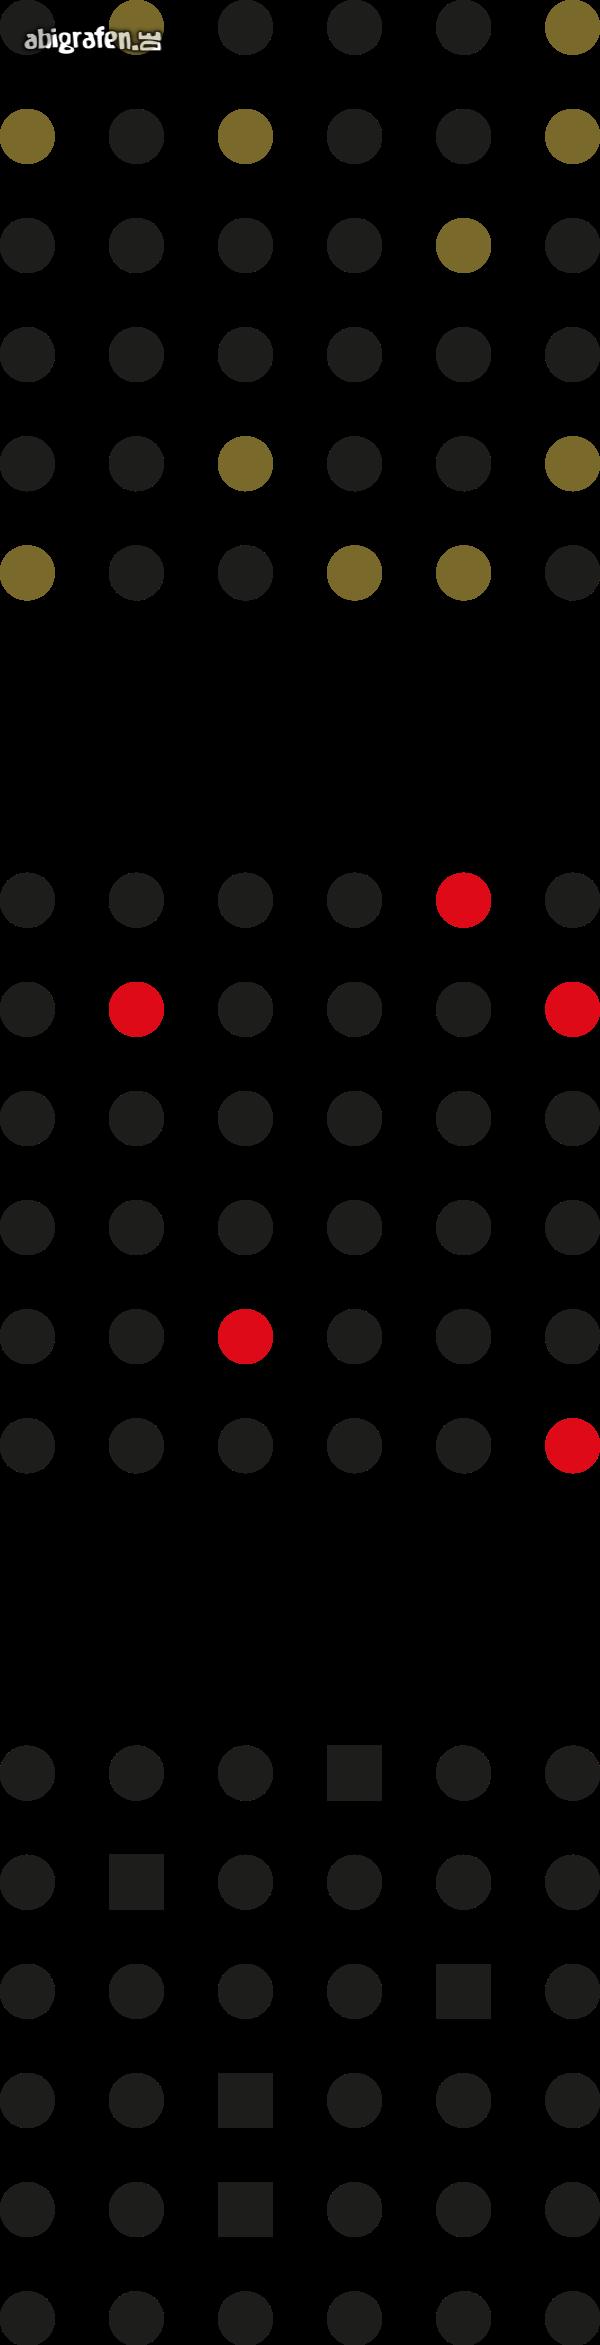 Ein schönes Abizeitungs-Layout mit abigrafen.de erstellen – Gestaltgesetz der Gleichheit